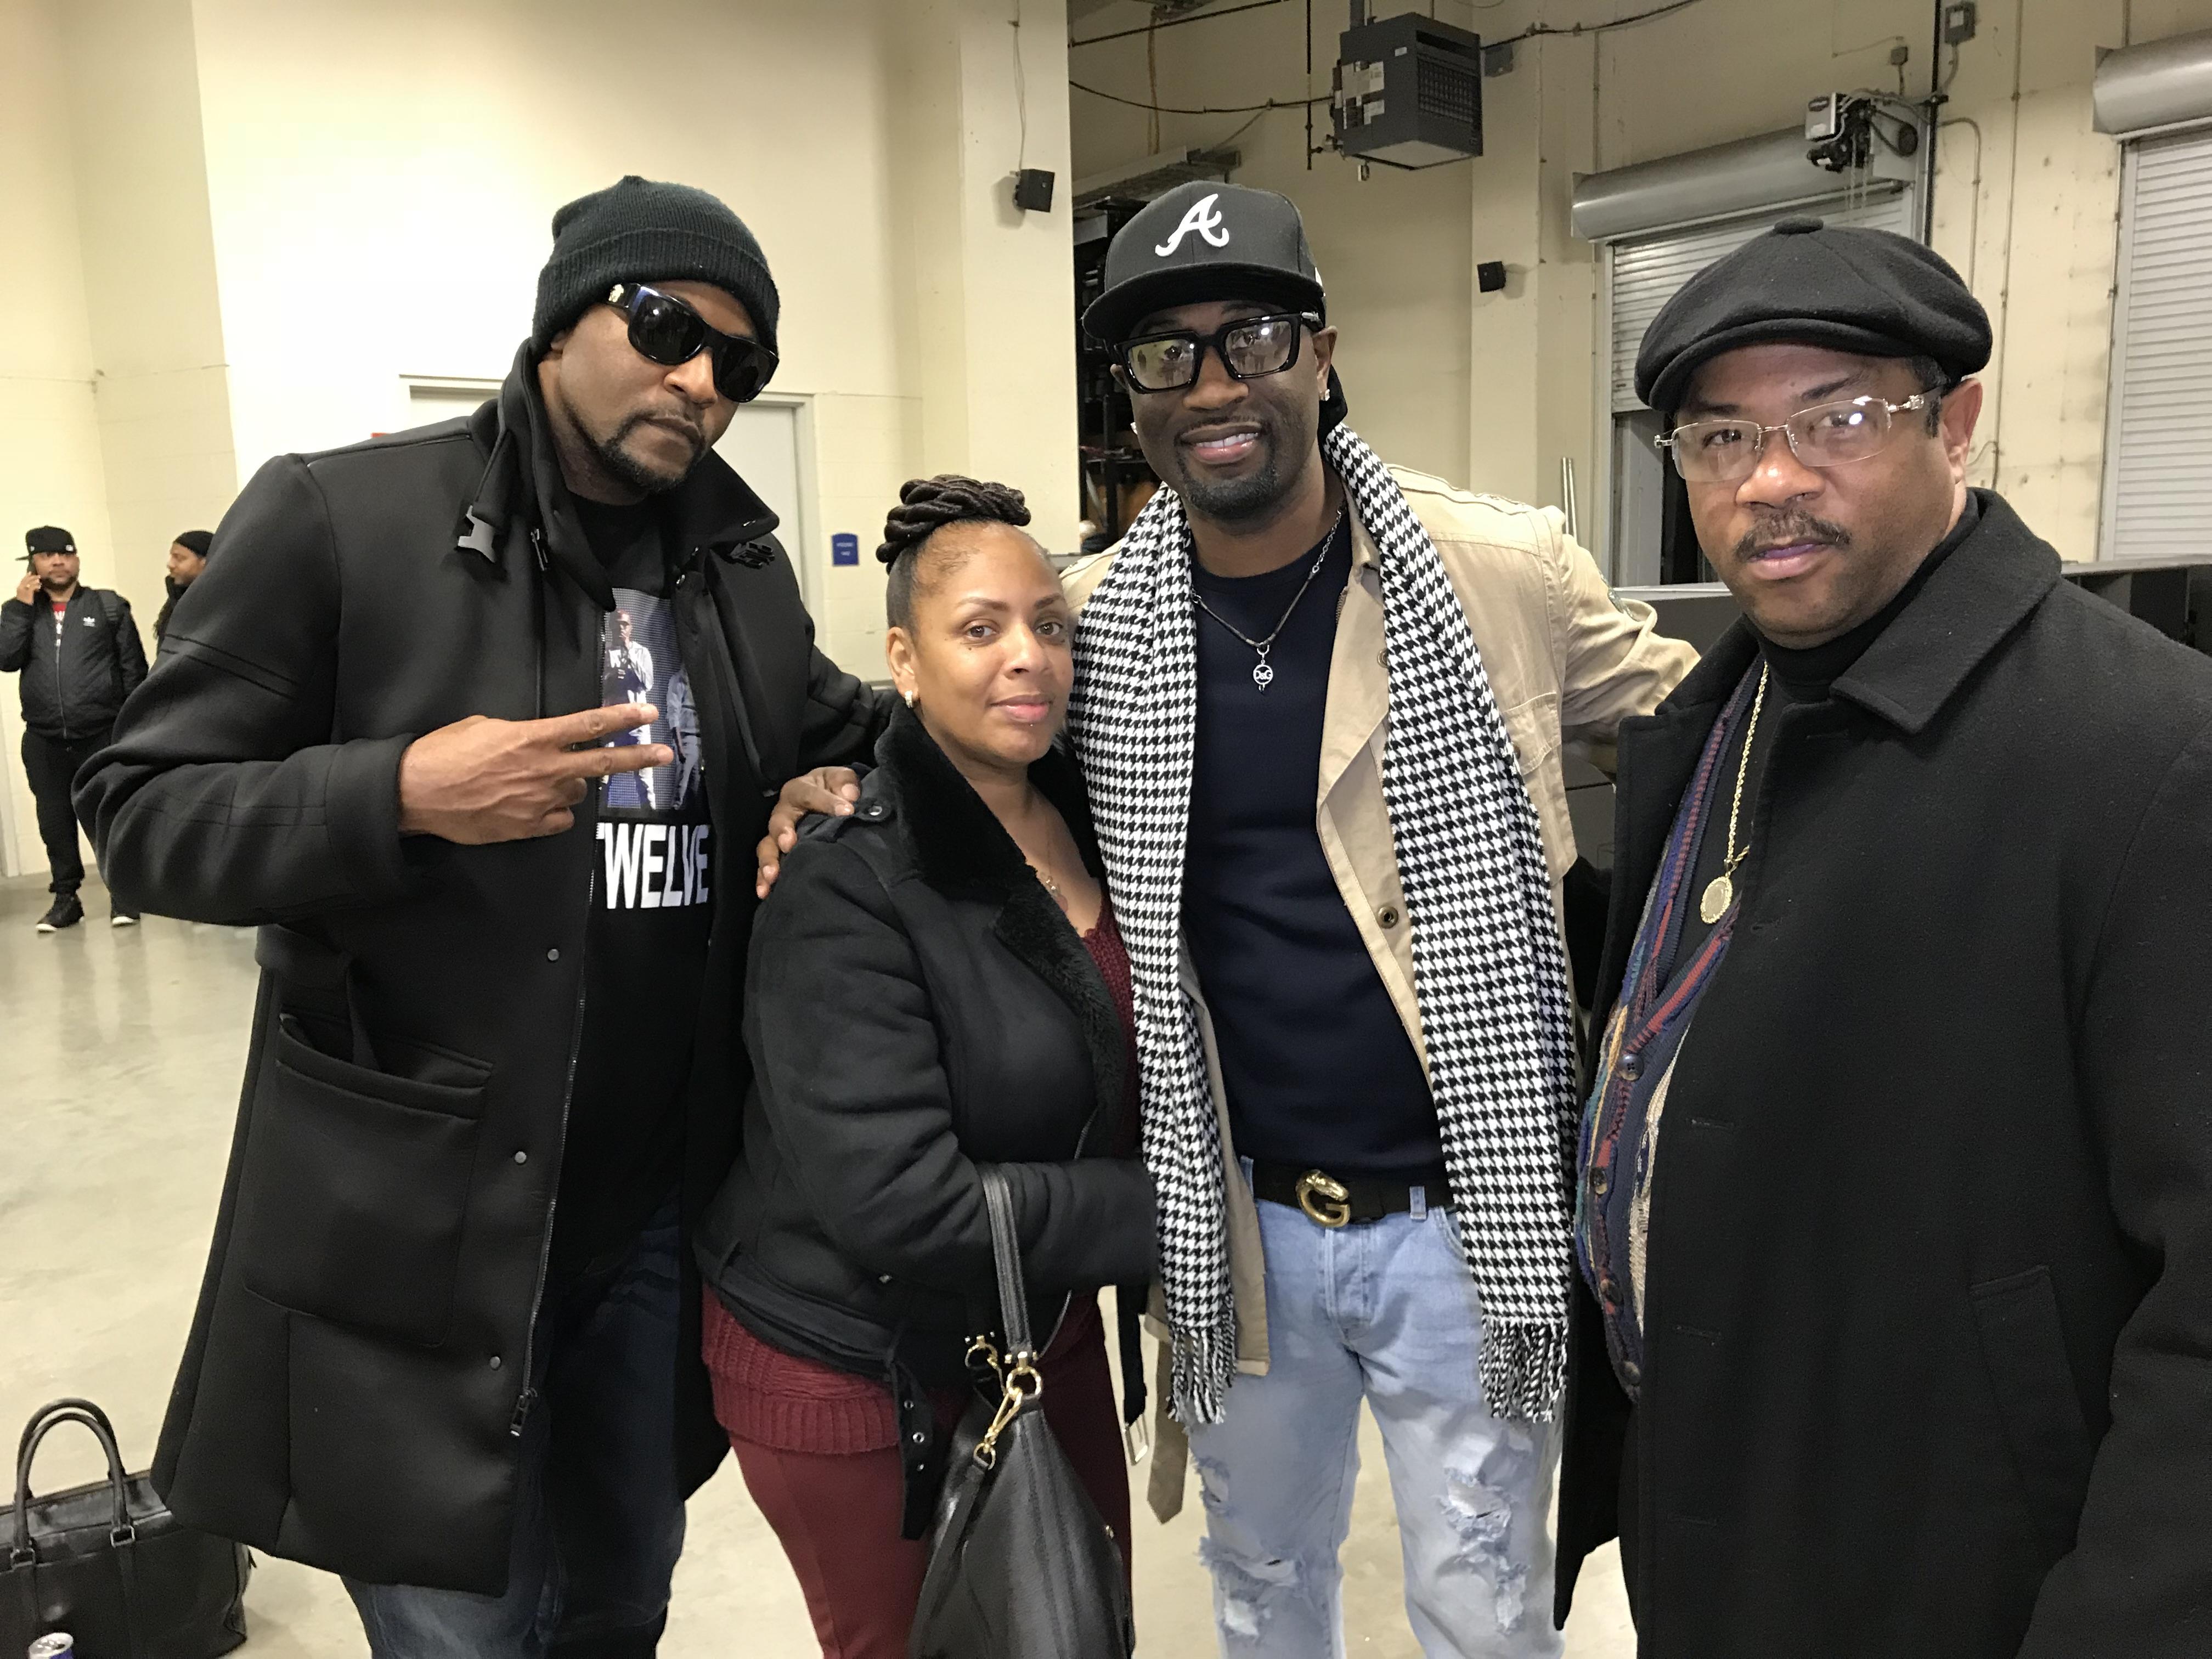 Saint Louis Music Festival 2018